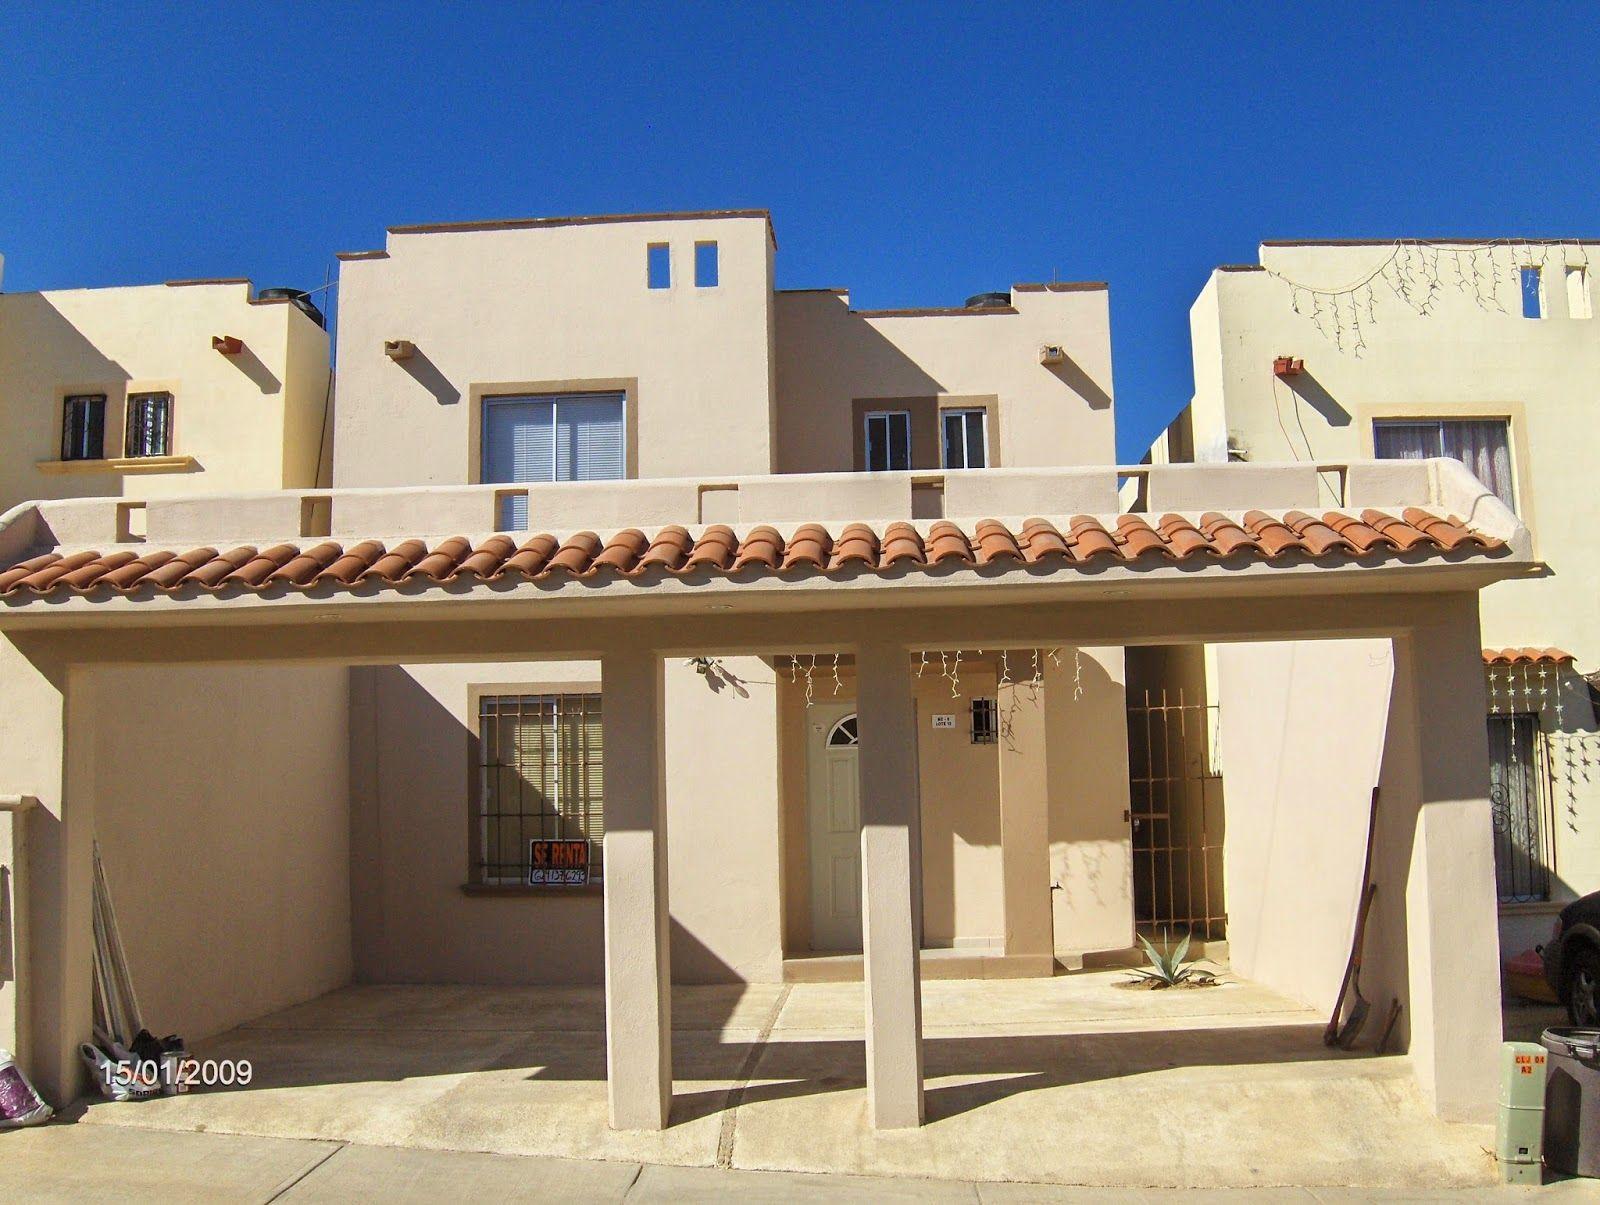 Casas modernas con tejas buscar con google fachadas for Fachada de casas modernas con tejas